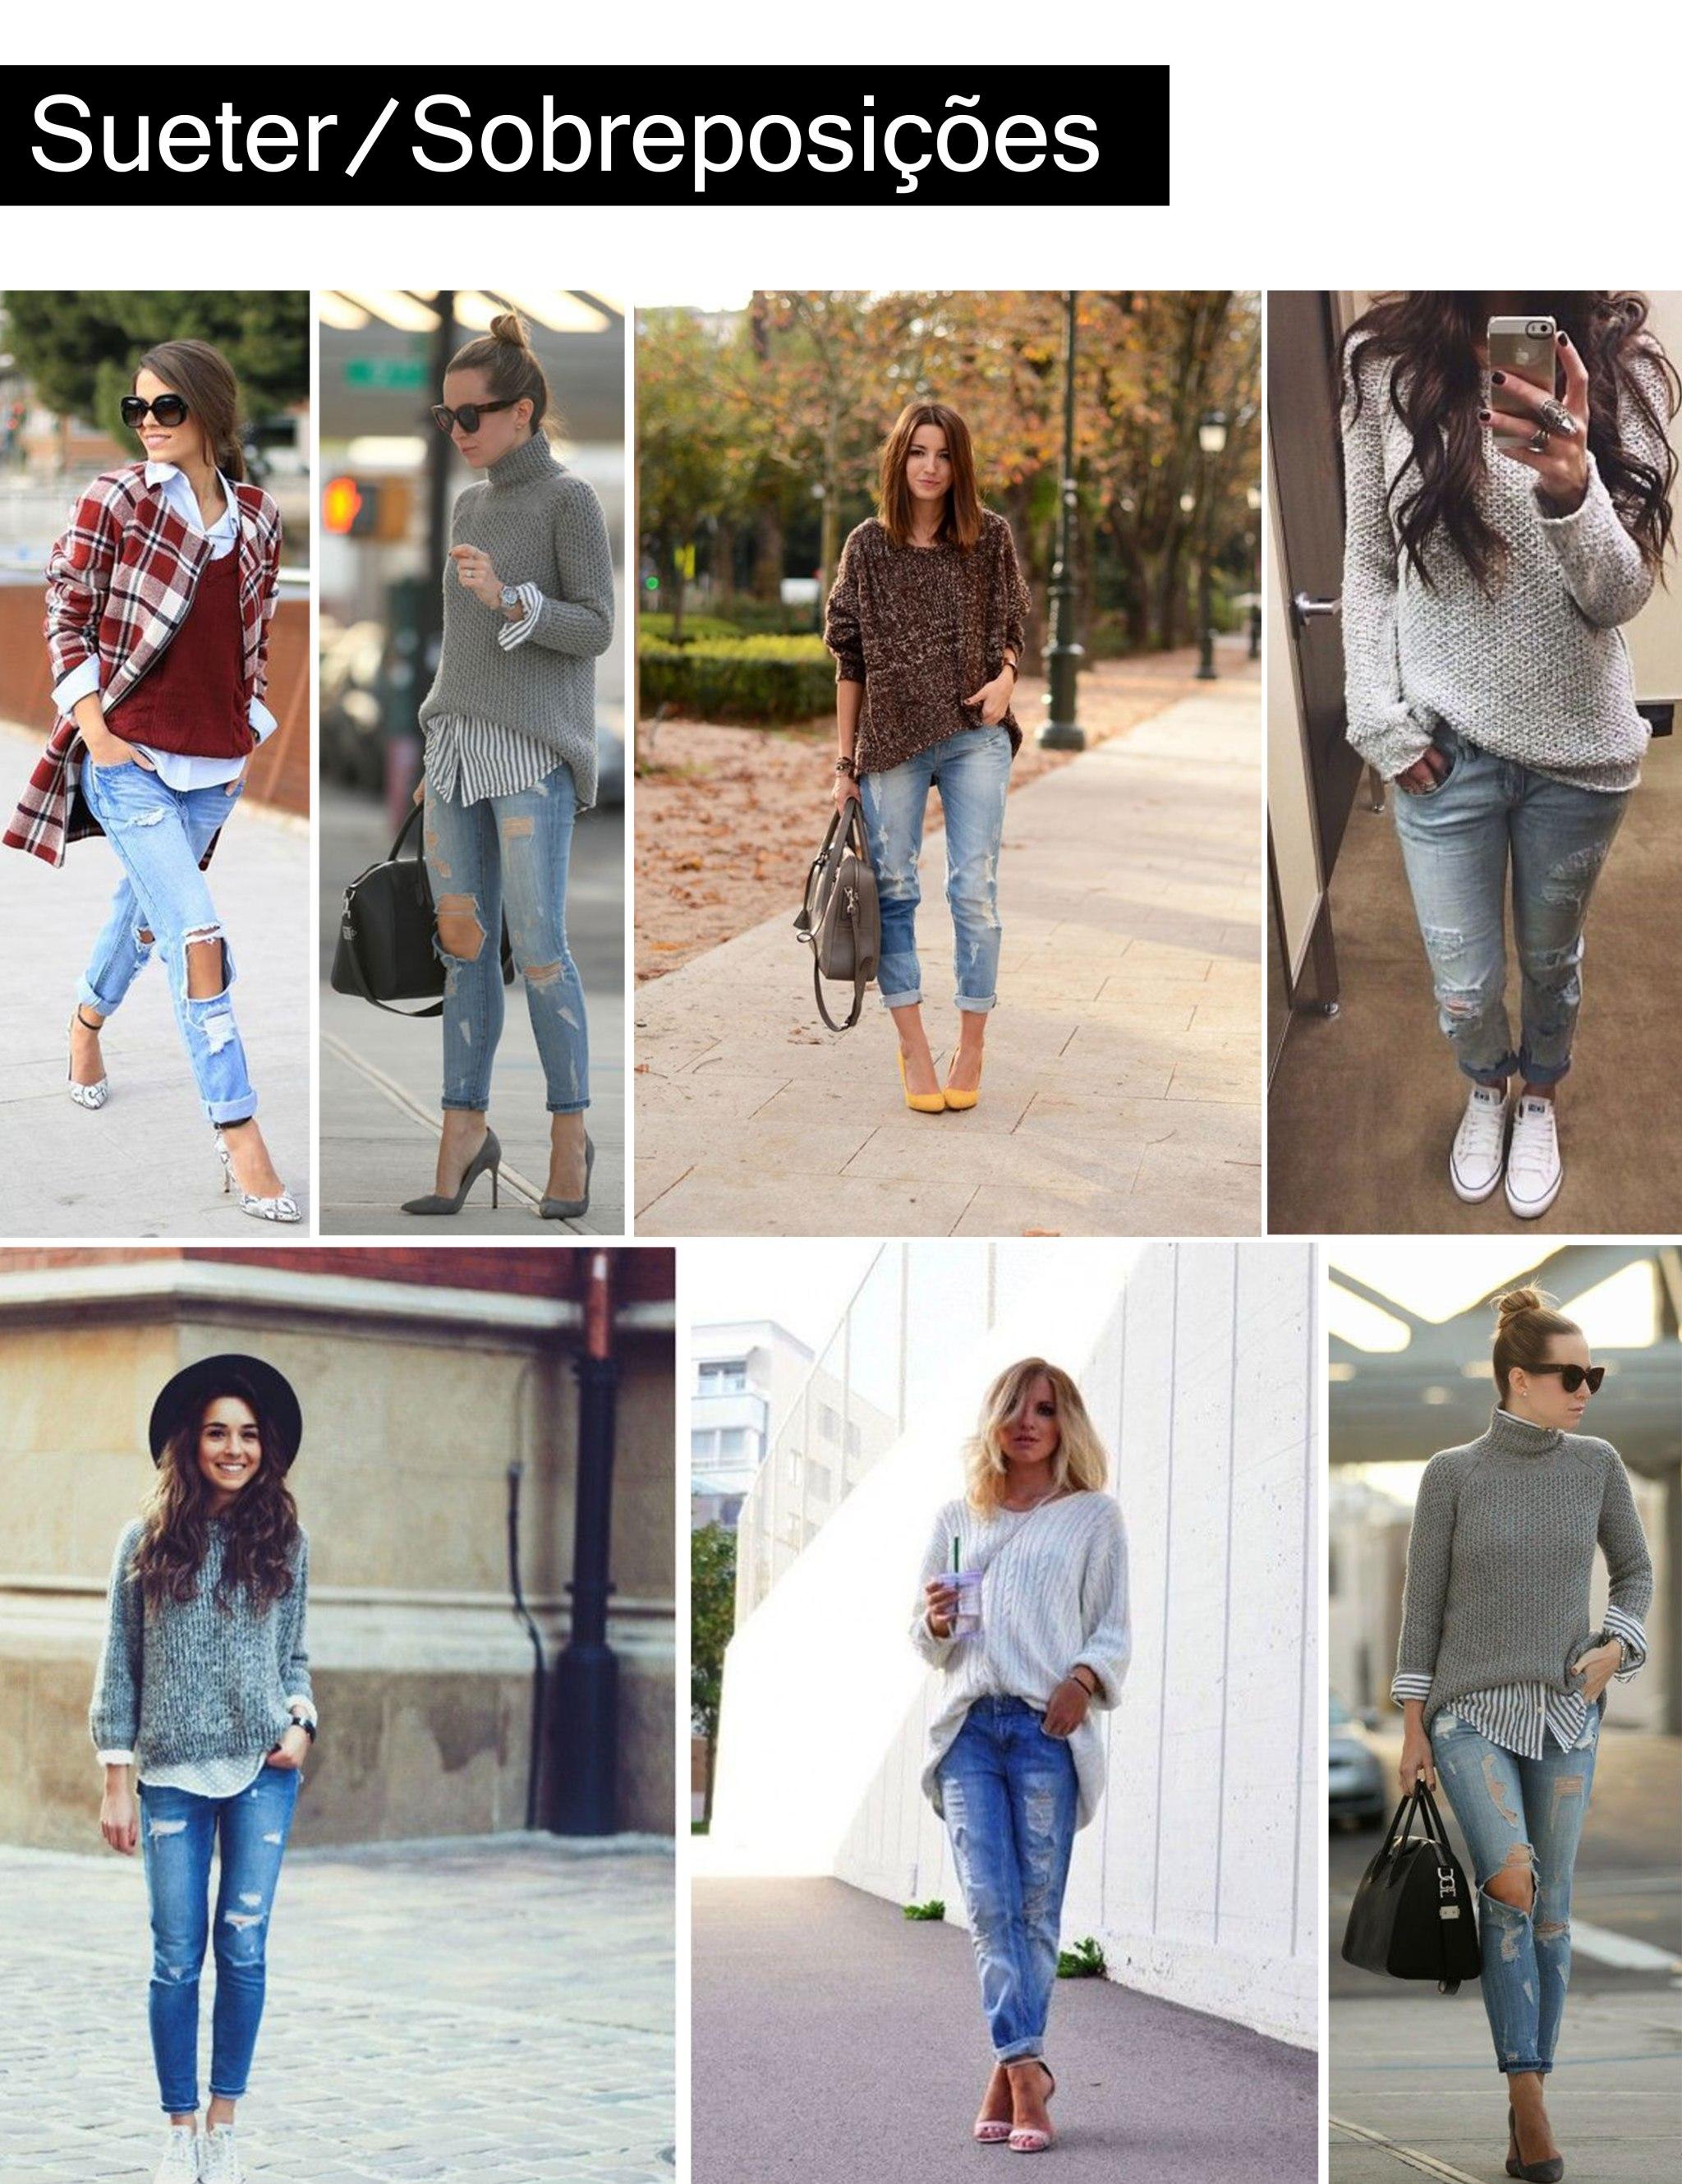 sueters_sobreposições com calça destroyed / sueters_sobreposições com destroyed jeans